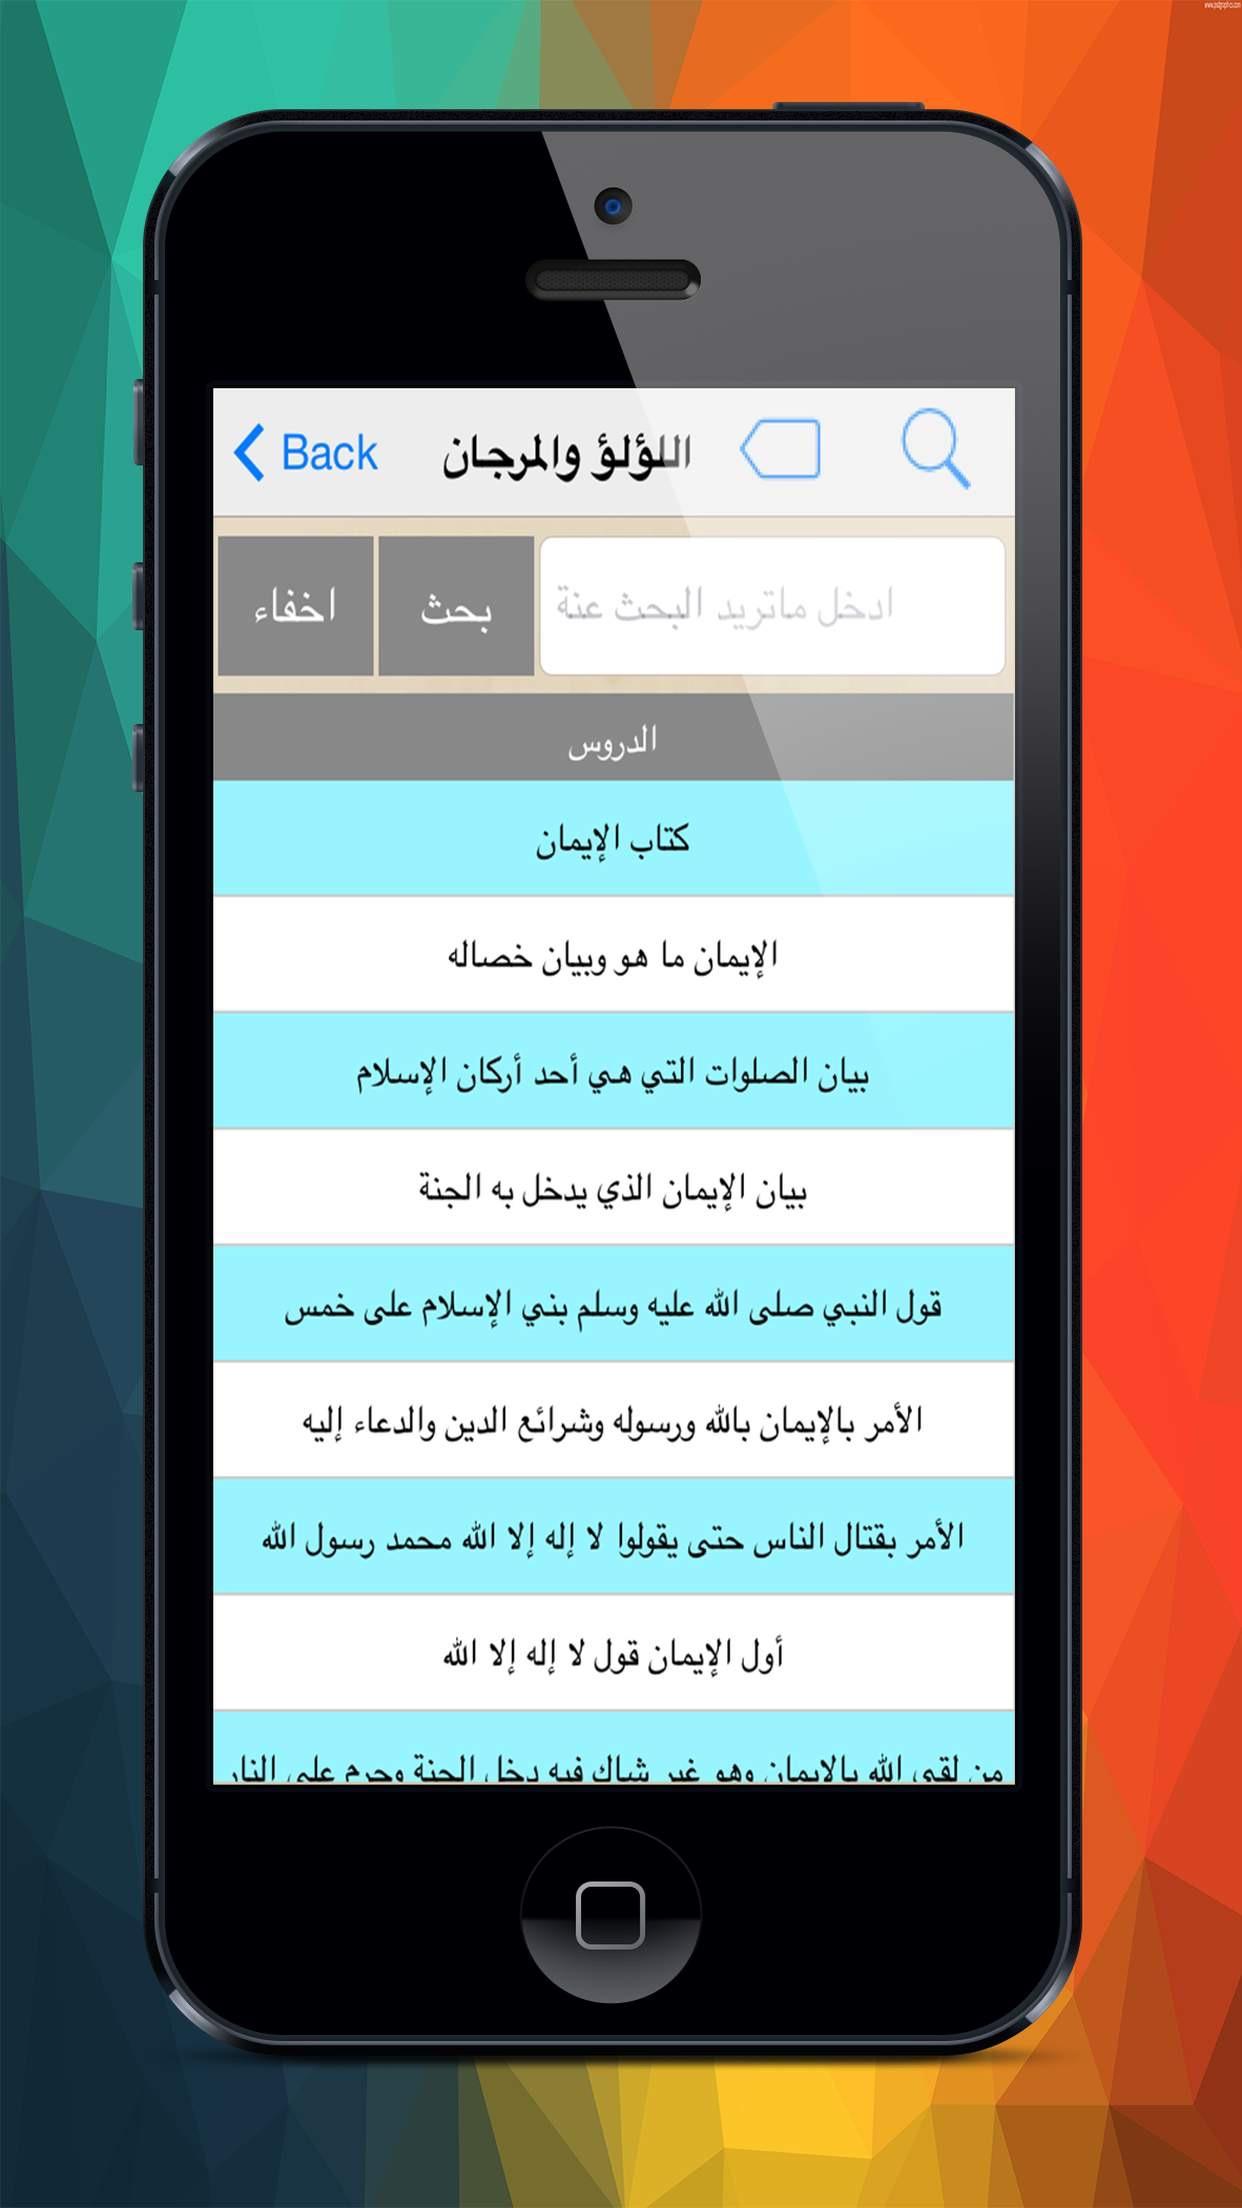 اللؤلؤ والمرجان Screenshot